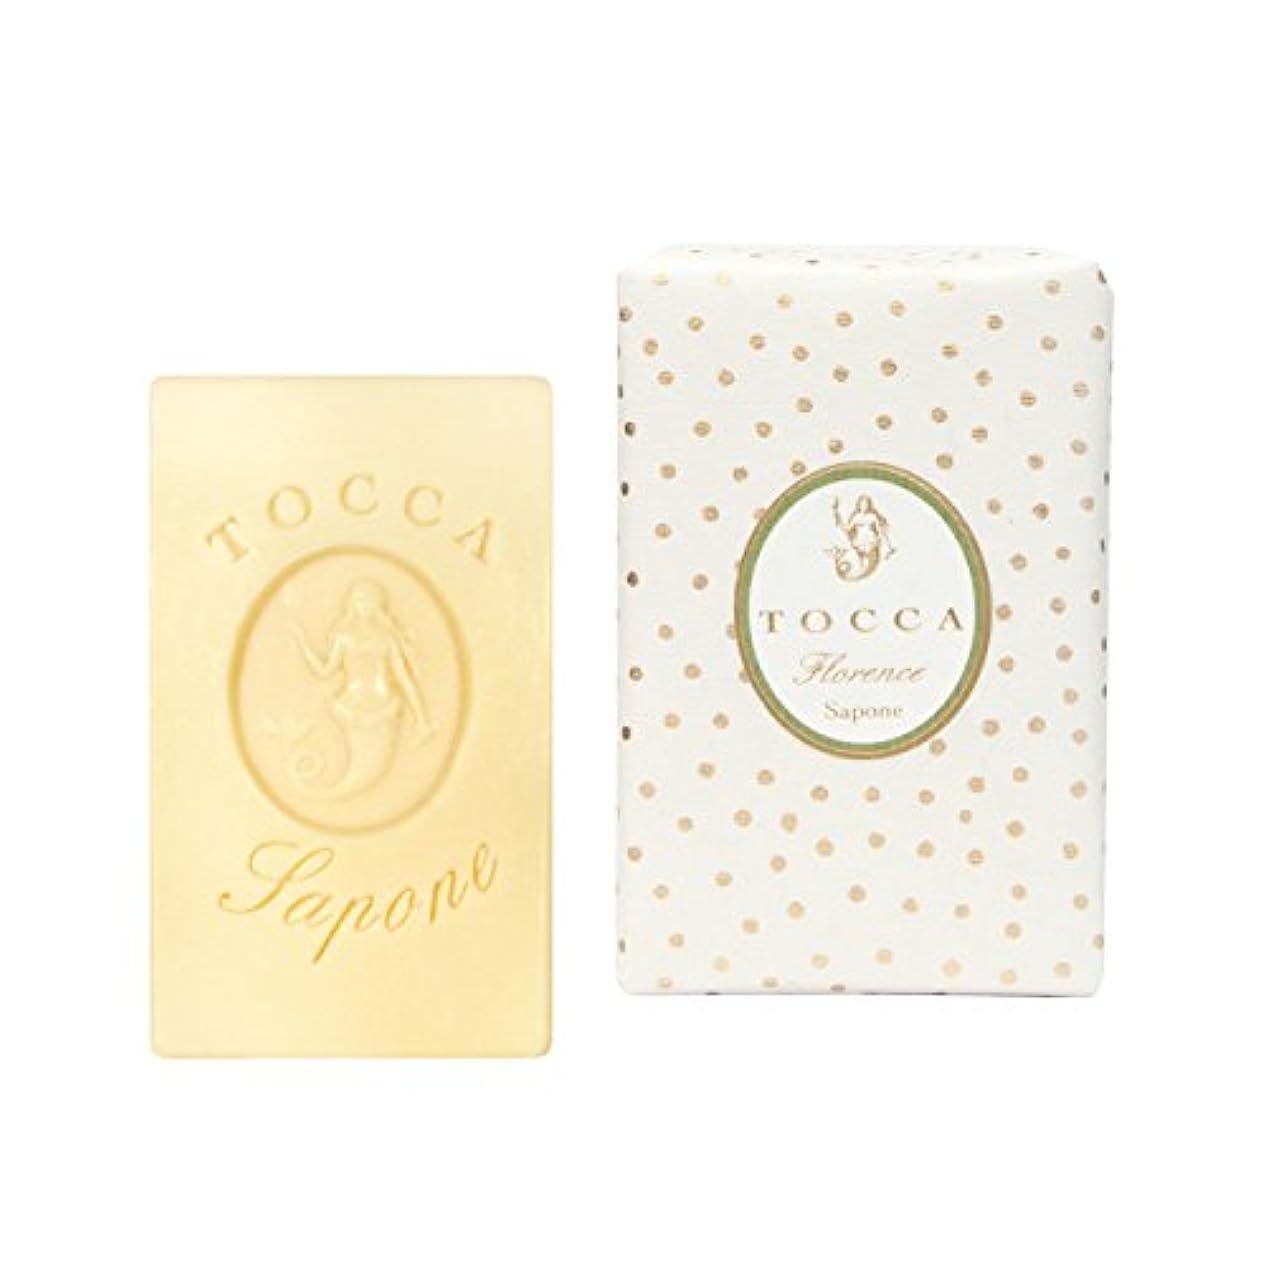 反響するセンチメートル尊厳トッカ(TOCCA) ソープバーフローレンスの香り 113g(石けん 化粧石けん ガーデニアとベルガモットが誘うように溶け合うどこまでも上品なフローラルの香り)